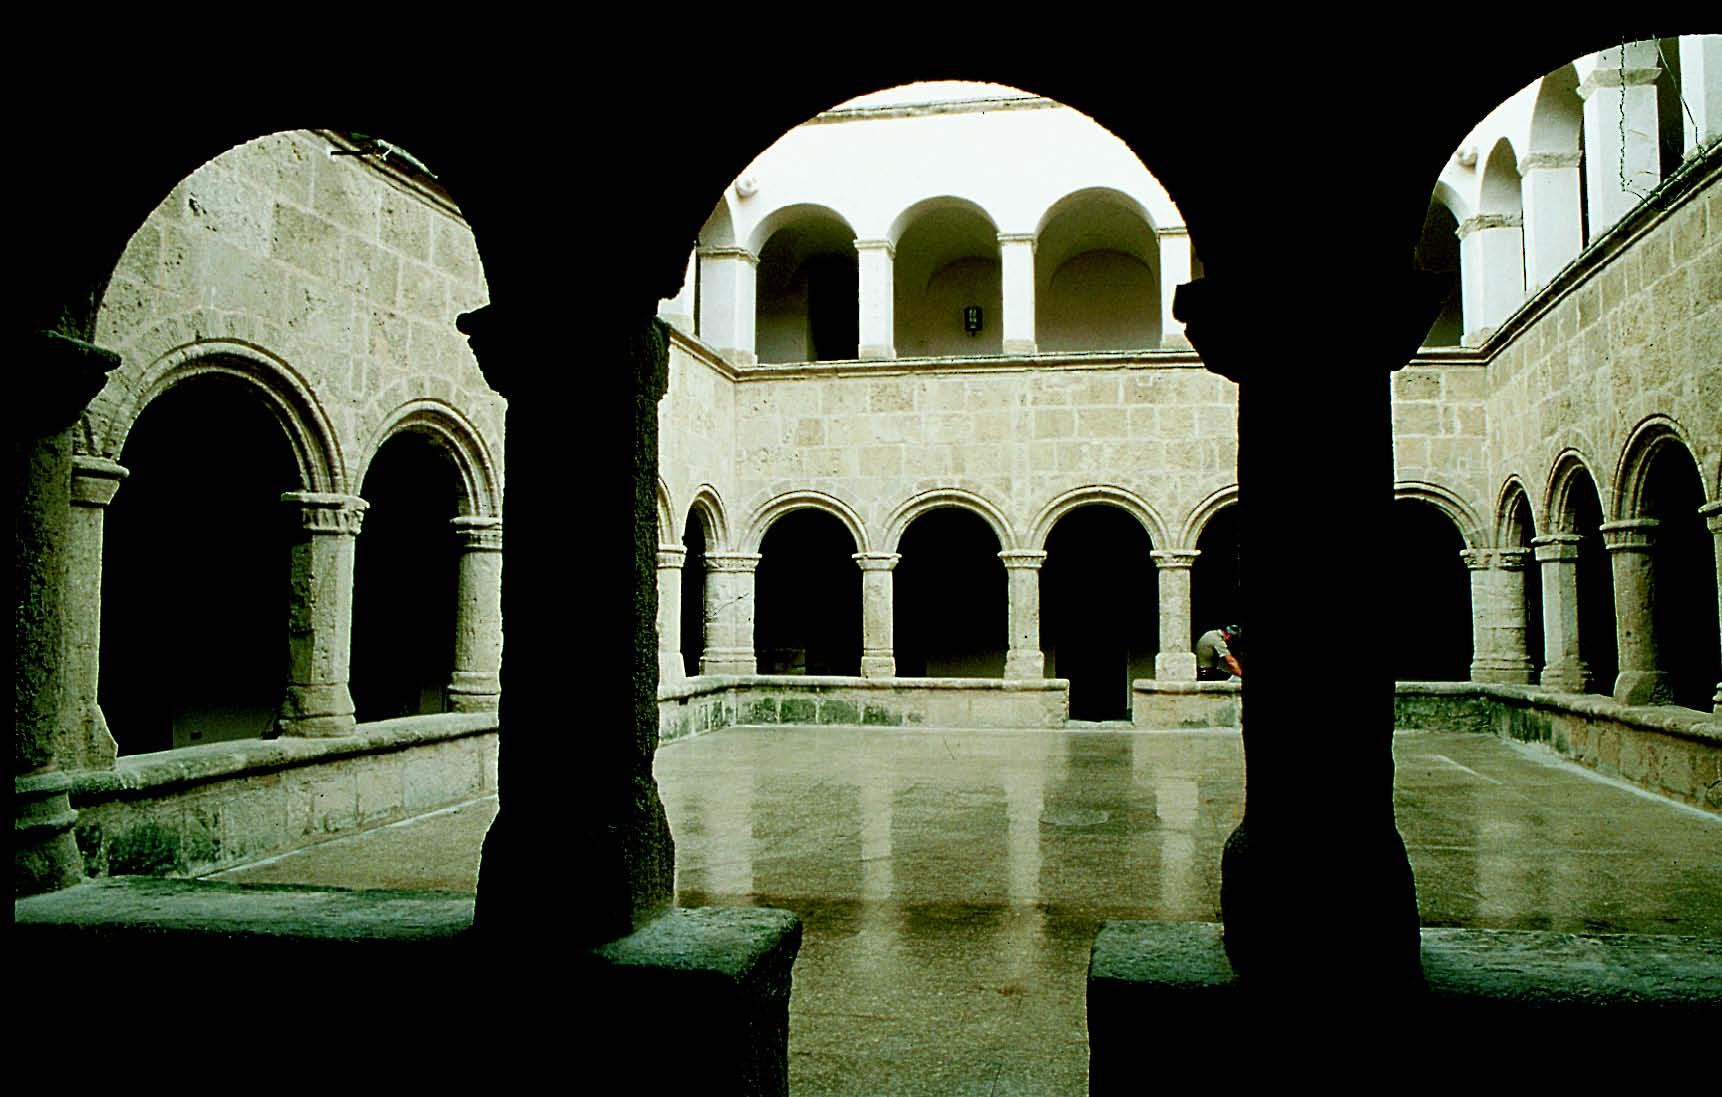 Chiostro del convento di San Francesco Alghero (SS). Monumenti aperti ad Alghero 16 e 17 maggio 2015.